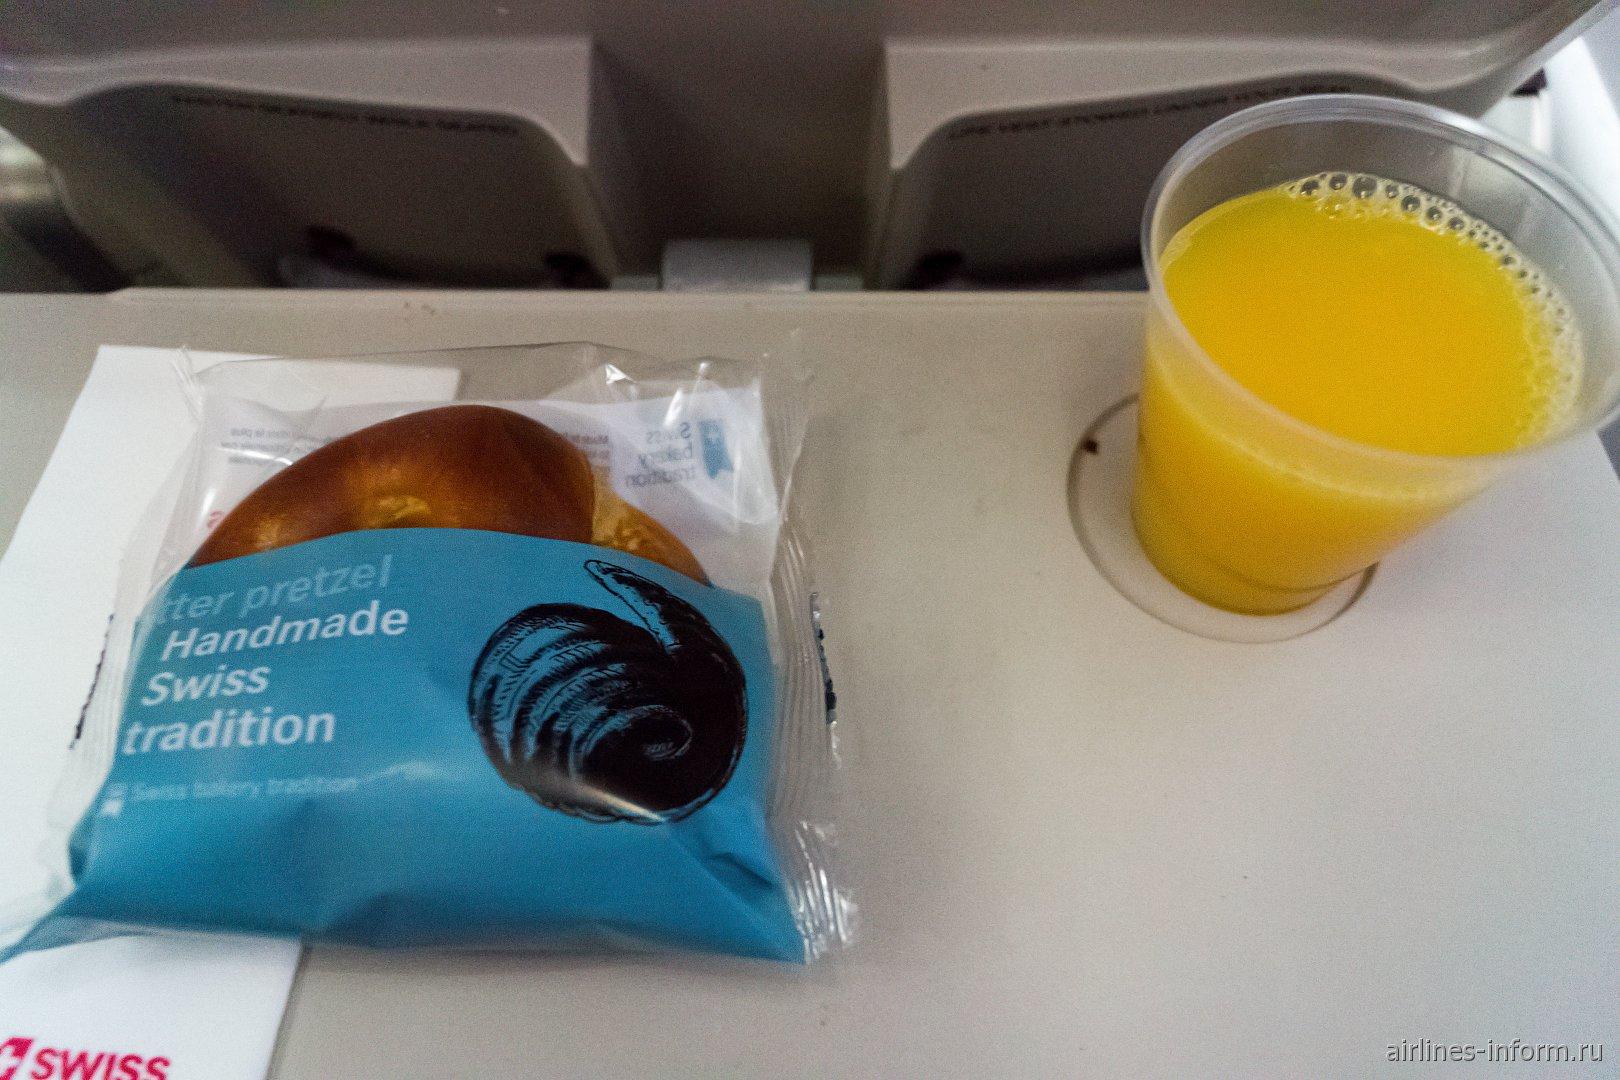 Брецель с маслом и сок - бортпитание на рейсе SWISS Женева-Барселона